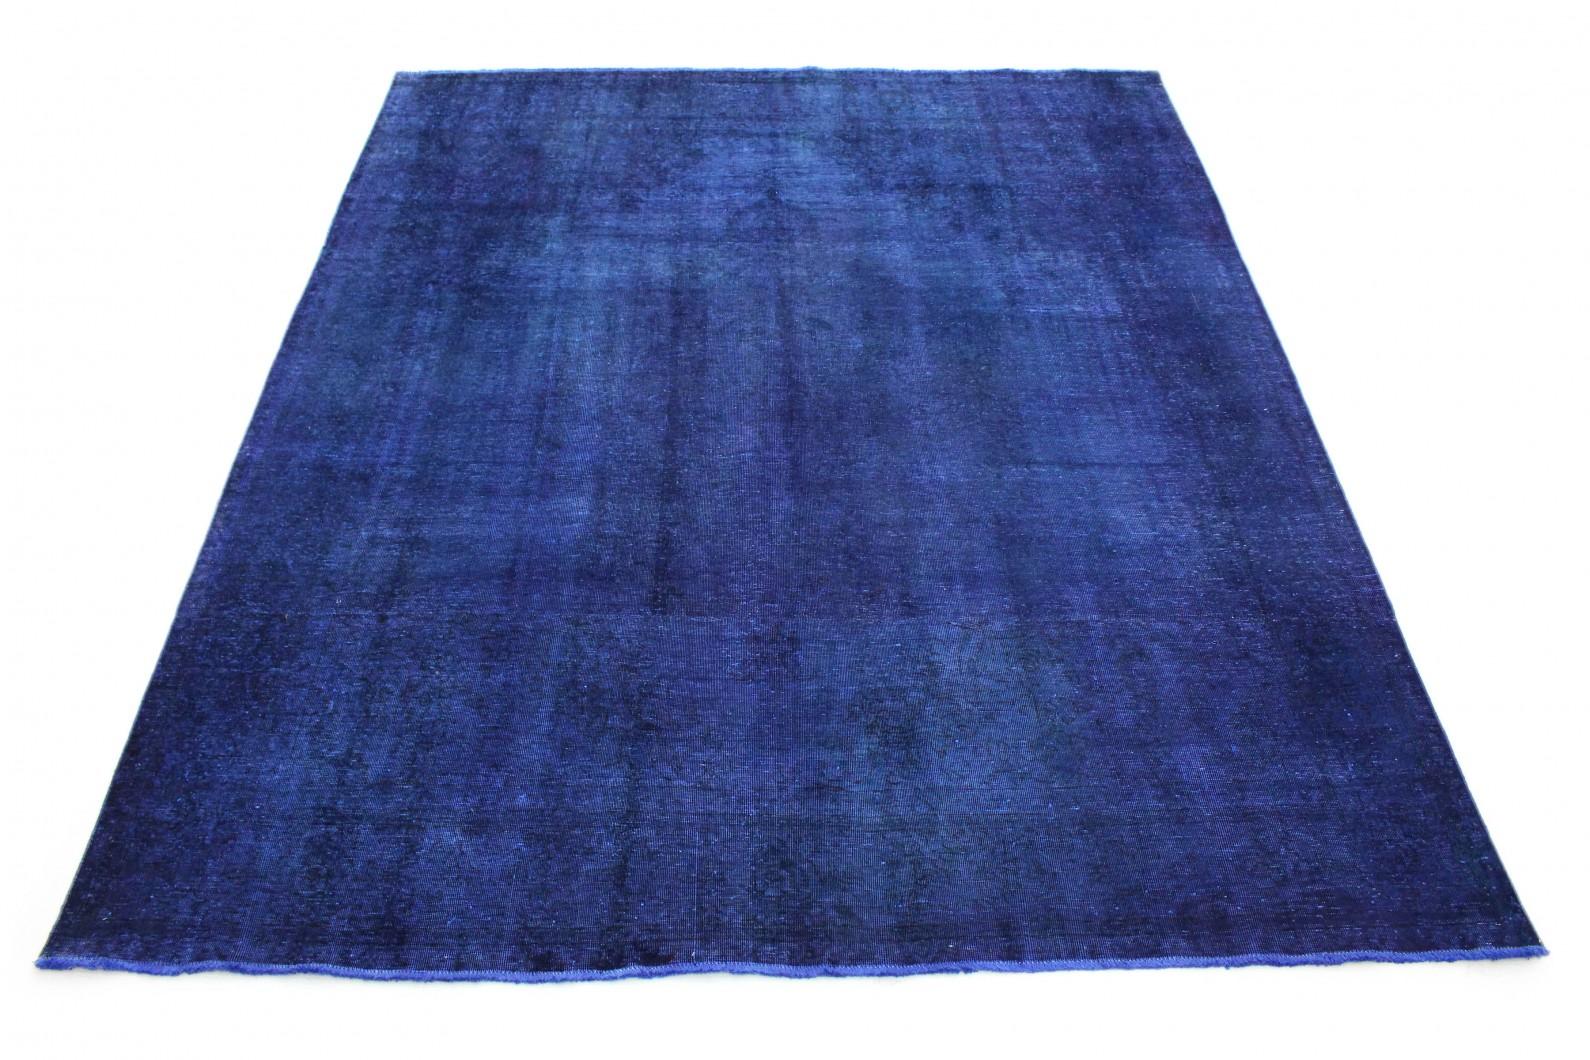 Vintage Teppich Lila Blau in 350x300 (1 / 6)